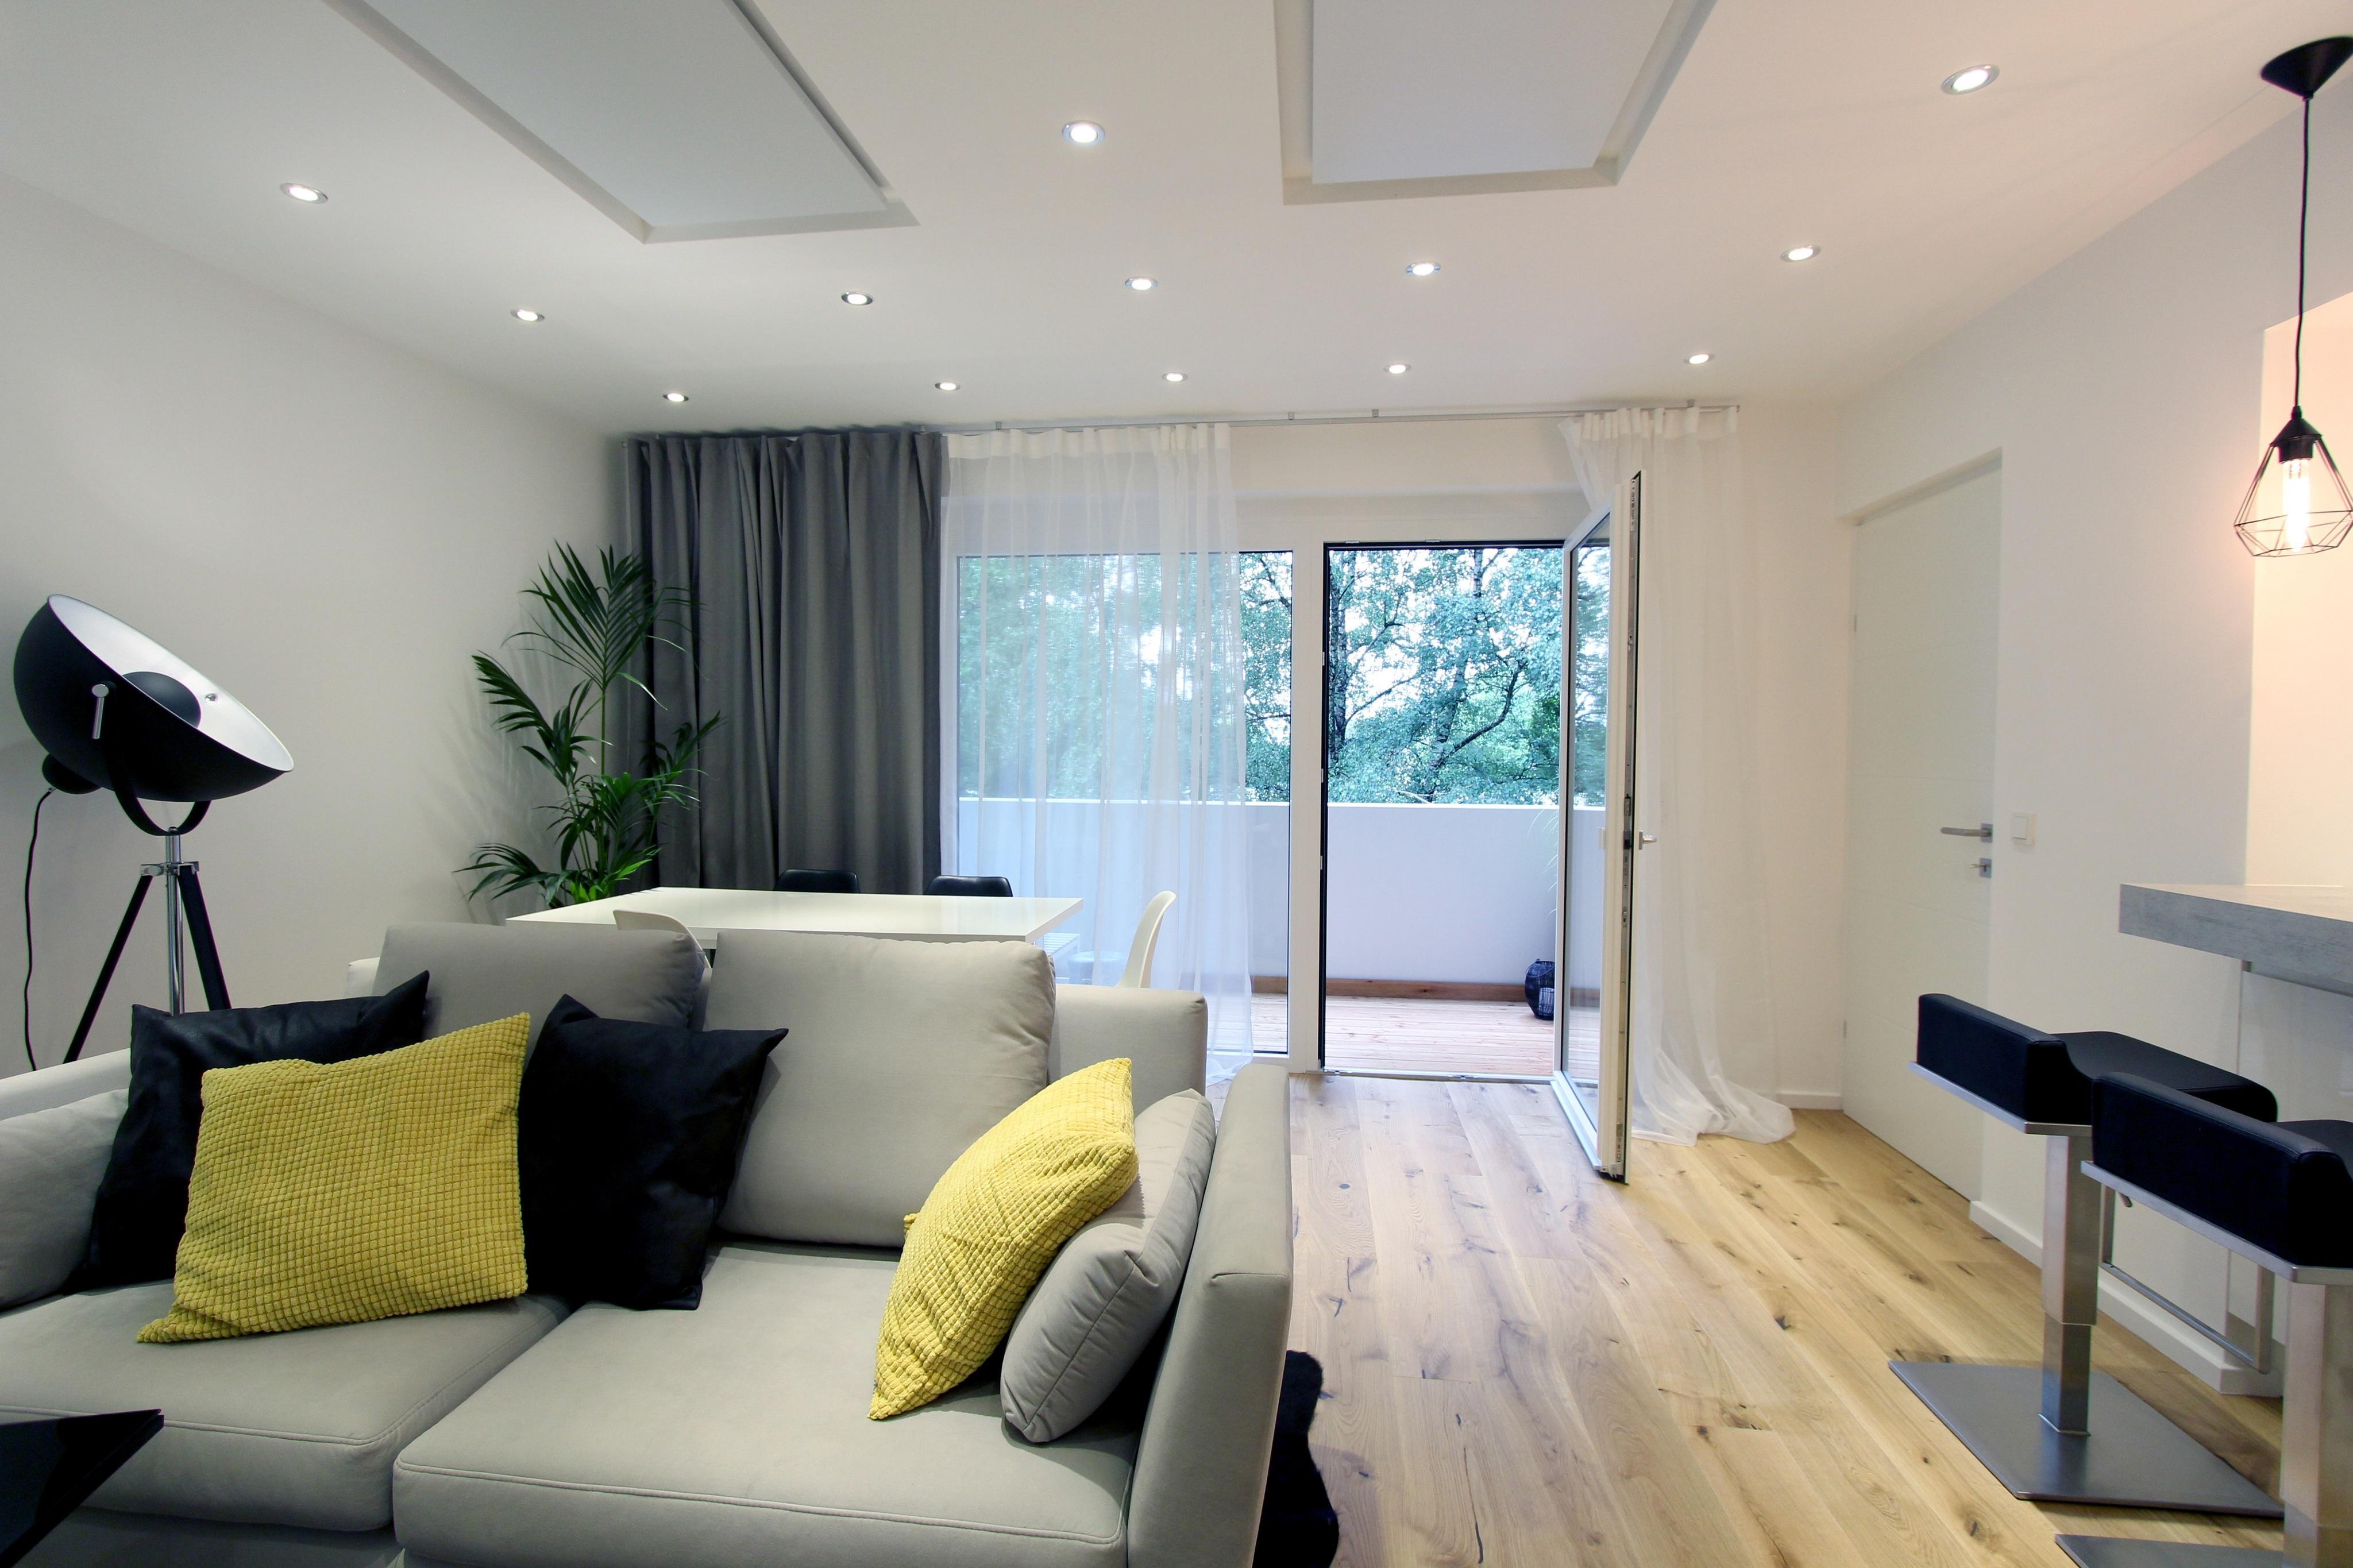 Vorhänge ideen wohnzimmer  Gardinen • Bilder & Ideen • COUCHstyle